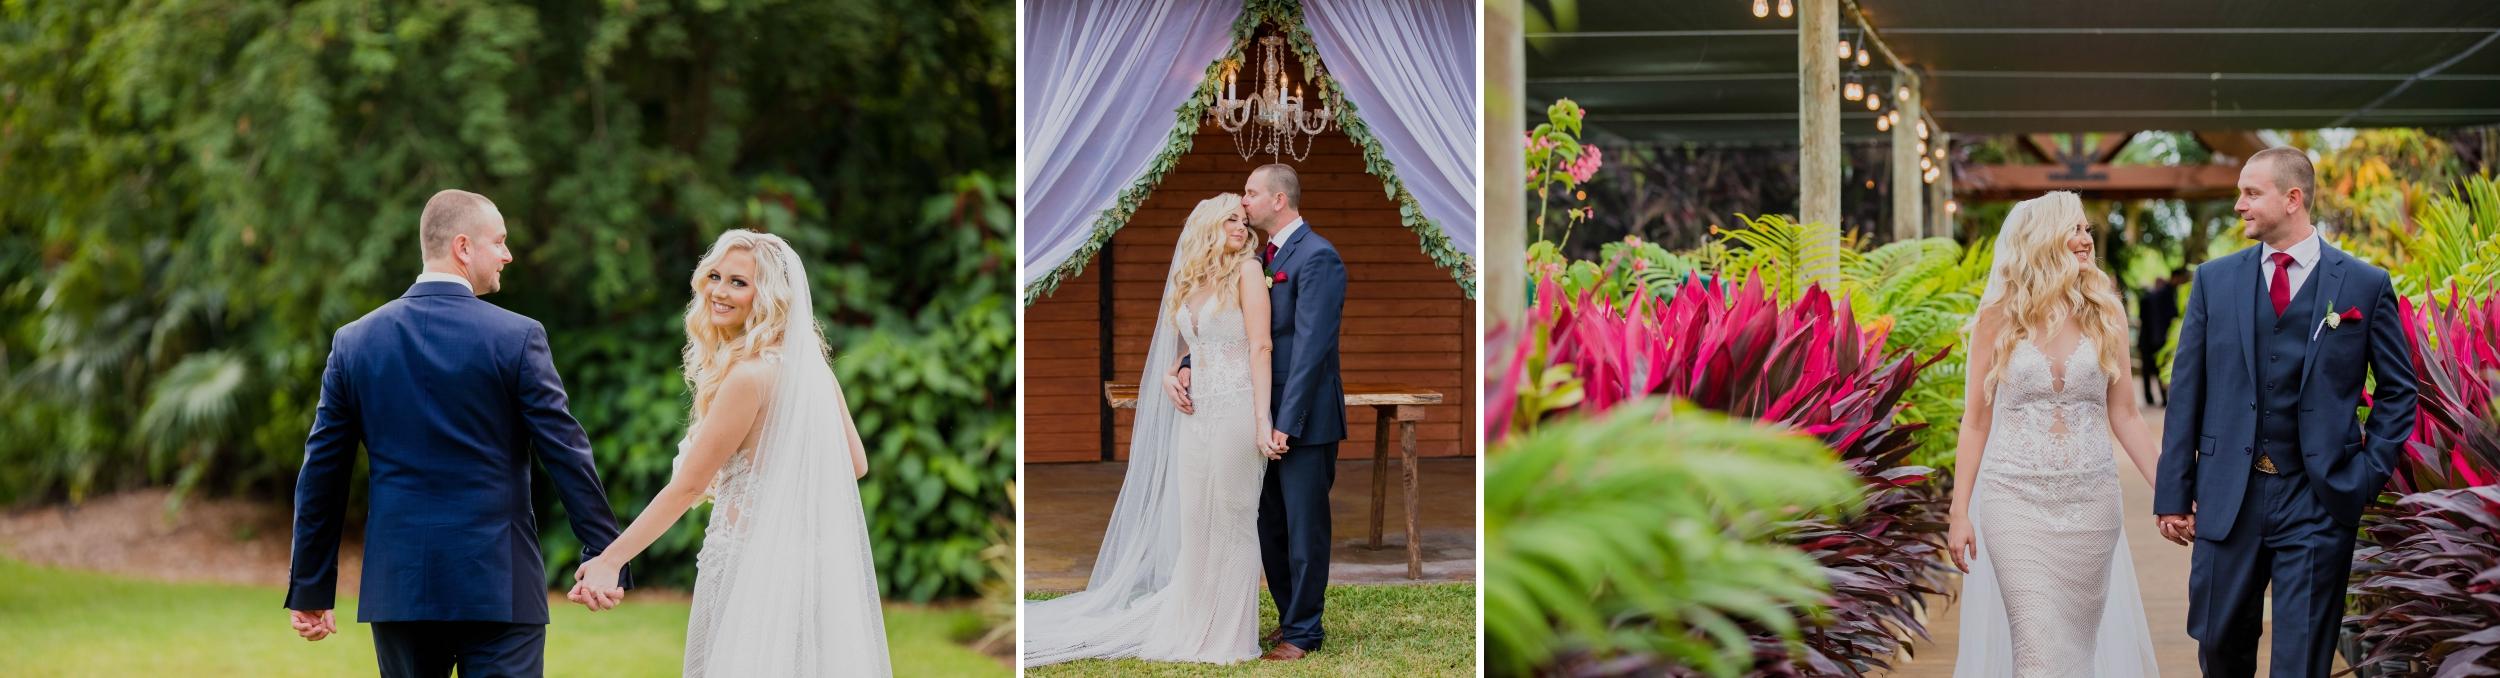 Wedding Redland Farm Life - Santy Martinez Photography 12.jpg